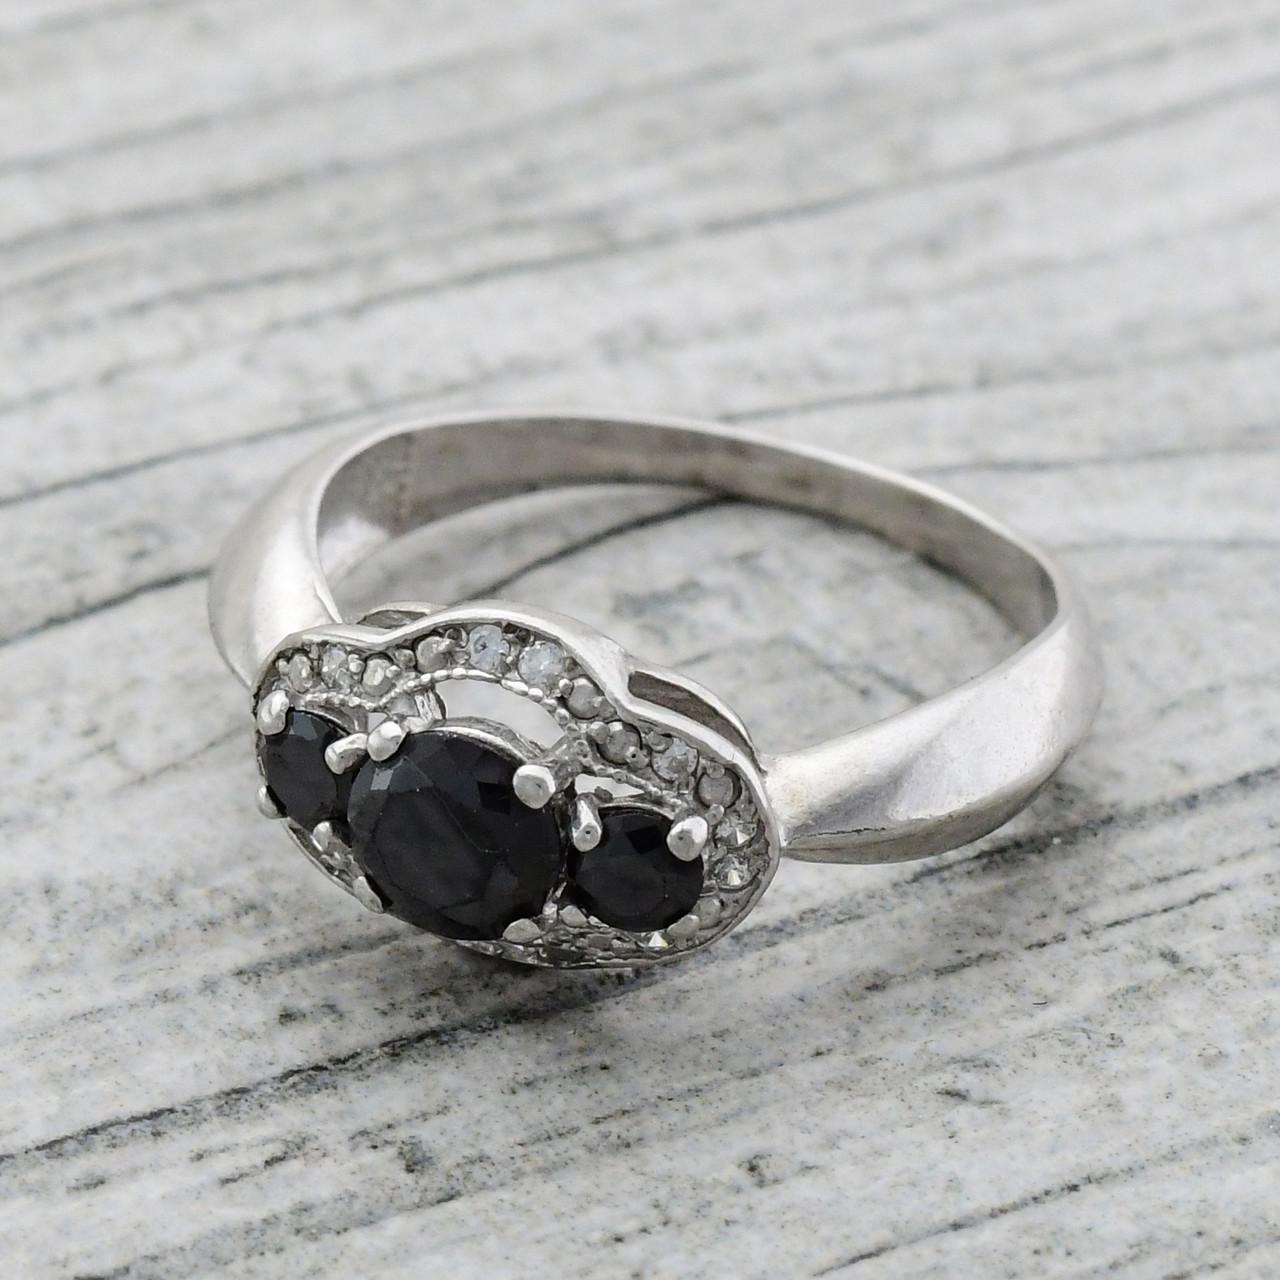 Серебряное кольцо Монро вставка чёрные и белые фианиты вес 2.1 г размер 15.5